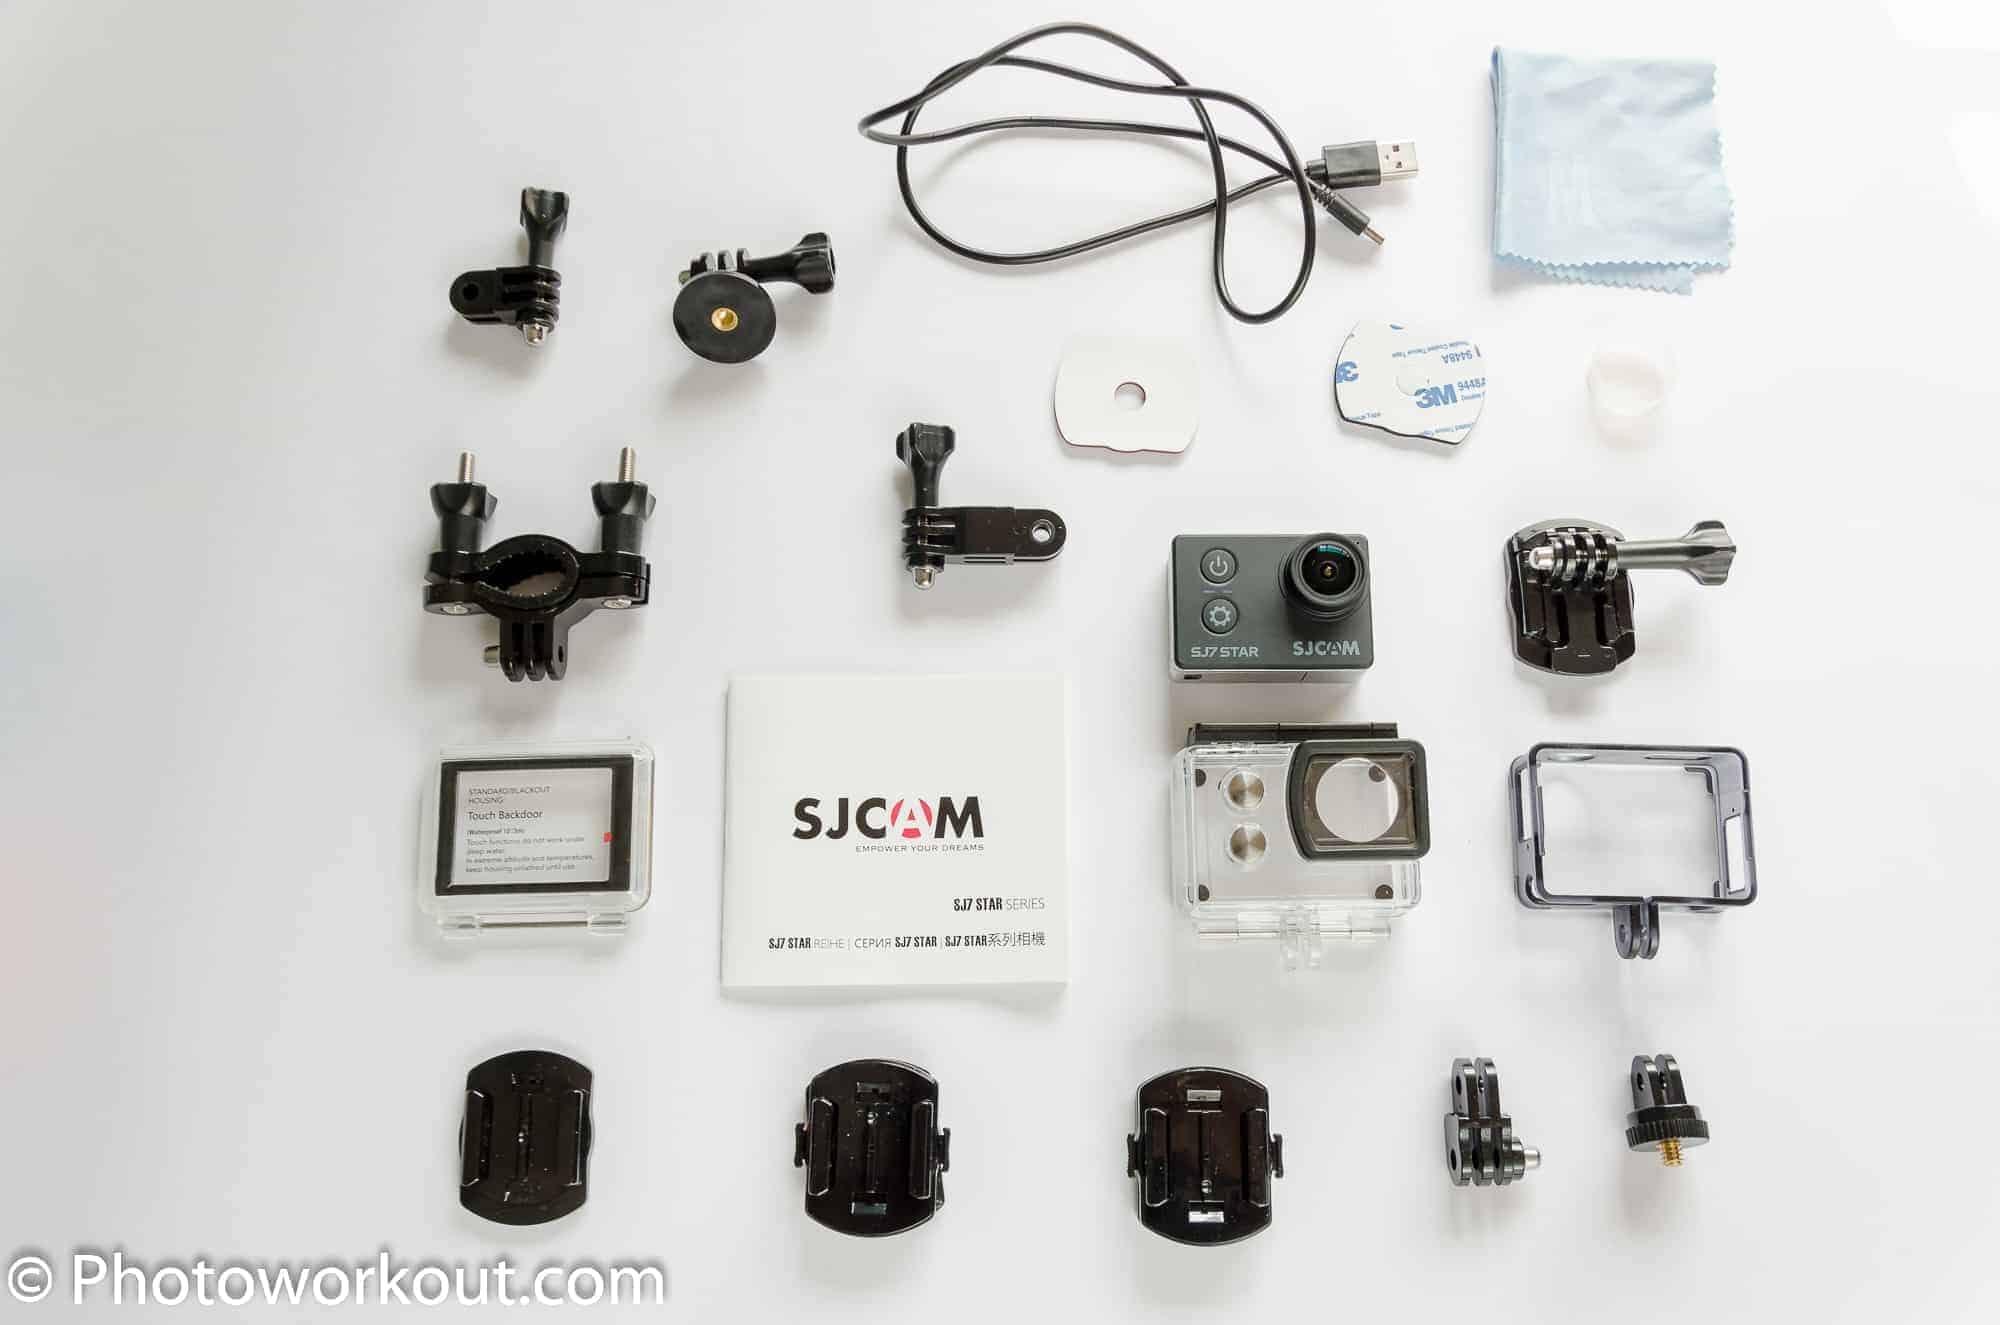 SJ7 Star Accessories Provided